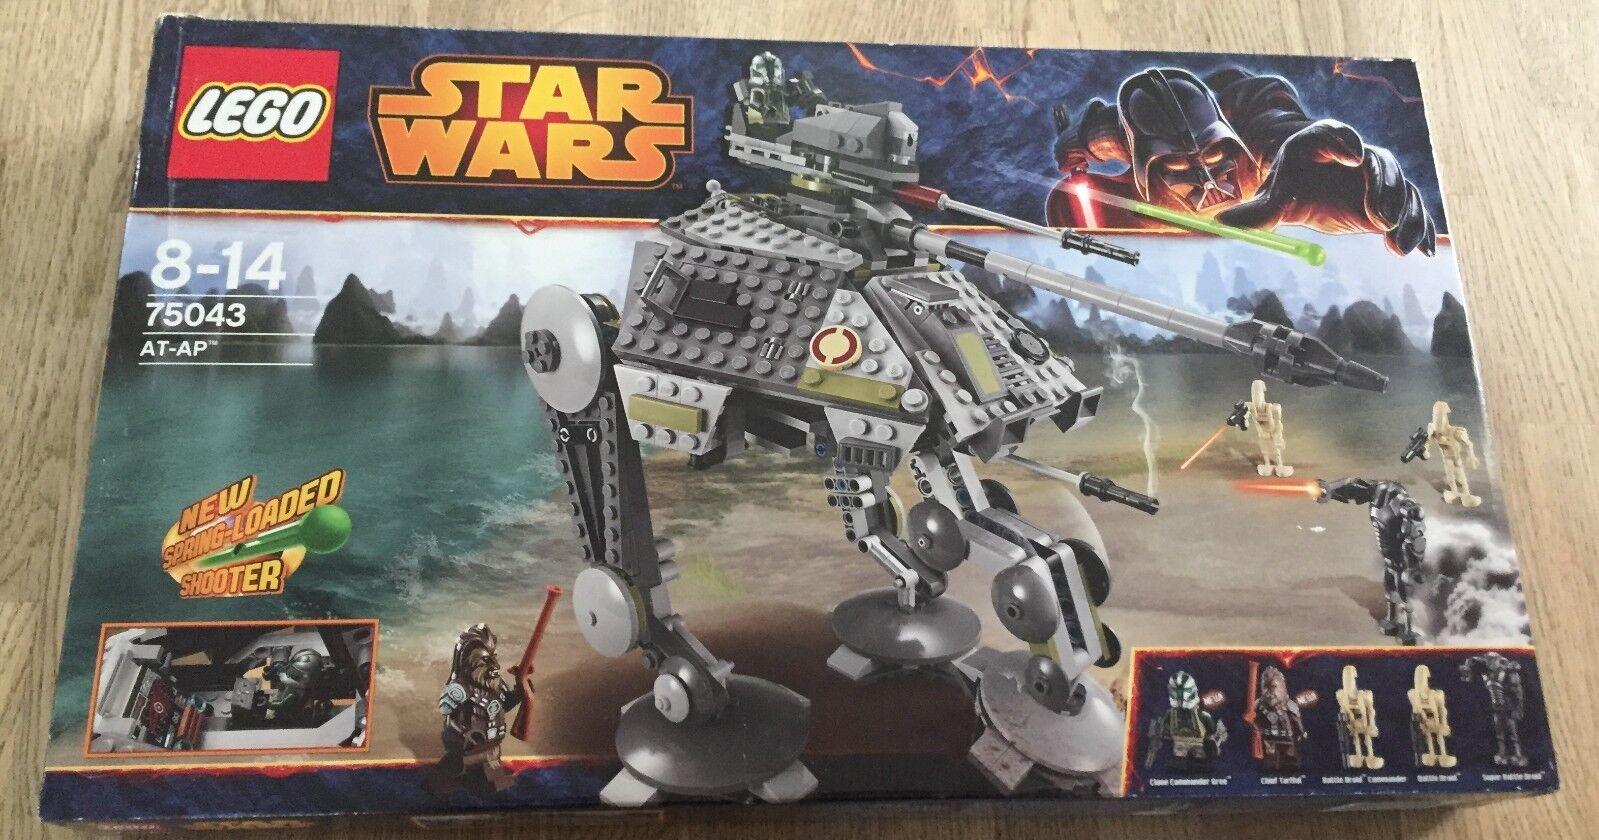 LEGO  estrella guerras 75043-AT-AP NUOVO scatola originale GREE Tarfful Wookie SUPER BATTLE DROID  grande sconto